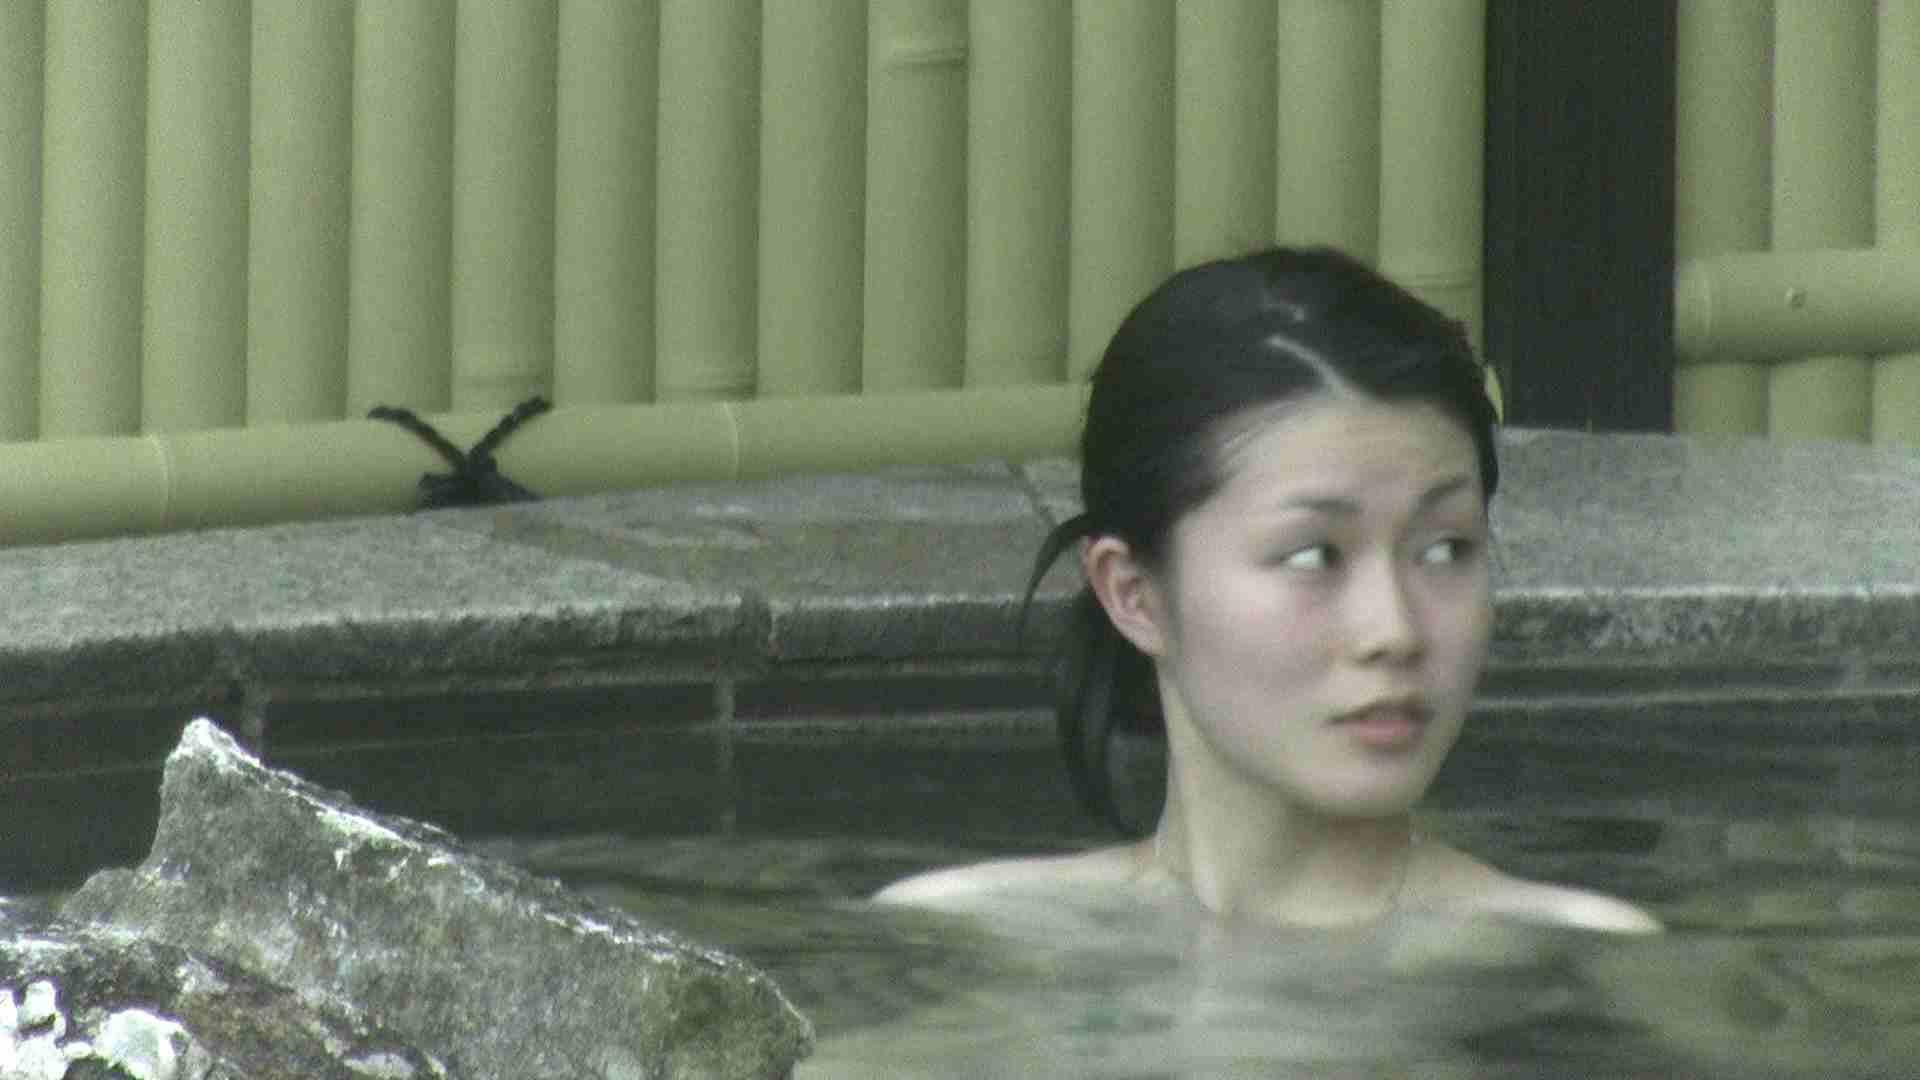 Aquaな露天風呂Vol.194 OLのエロ生活  112連発 57